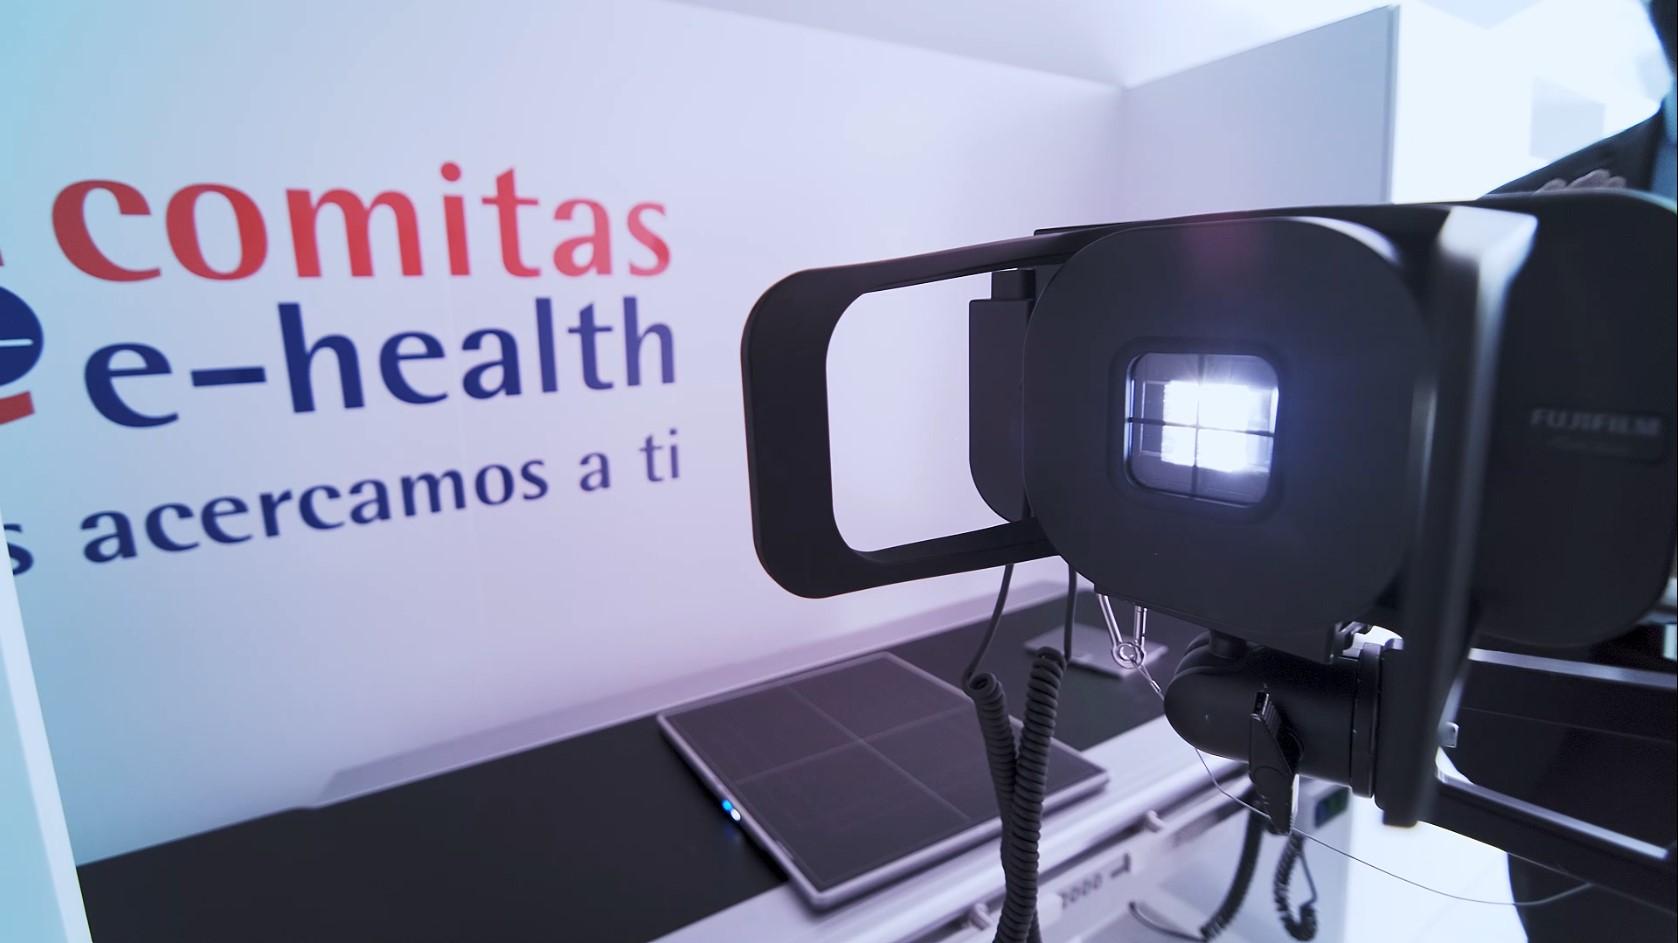 Comitas e-health Fdr Xair